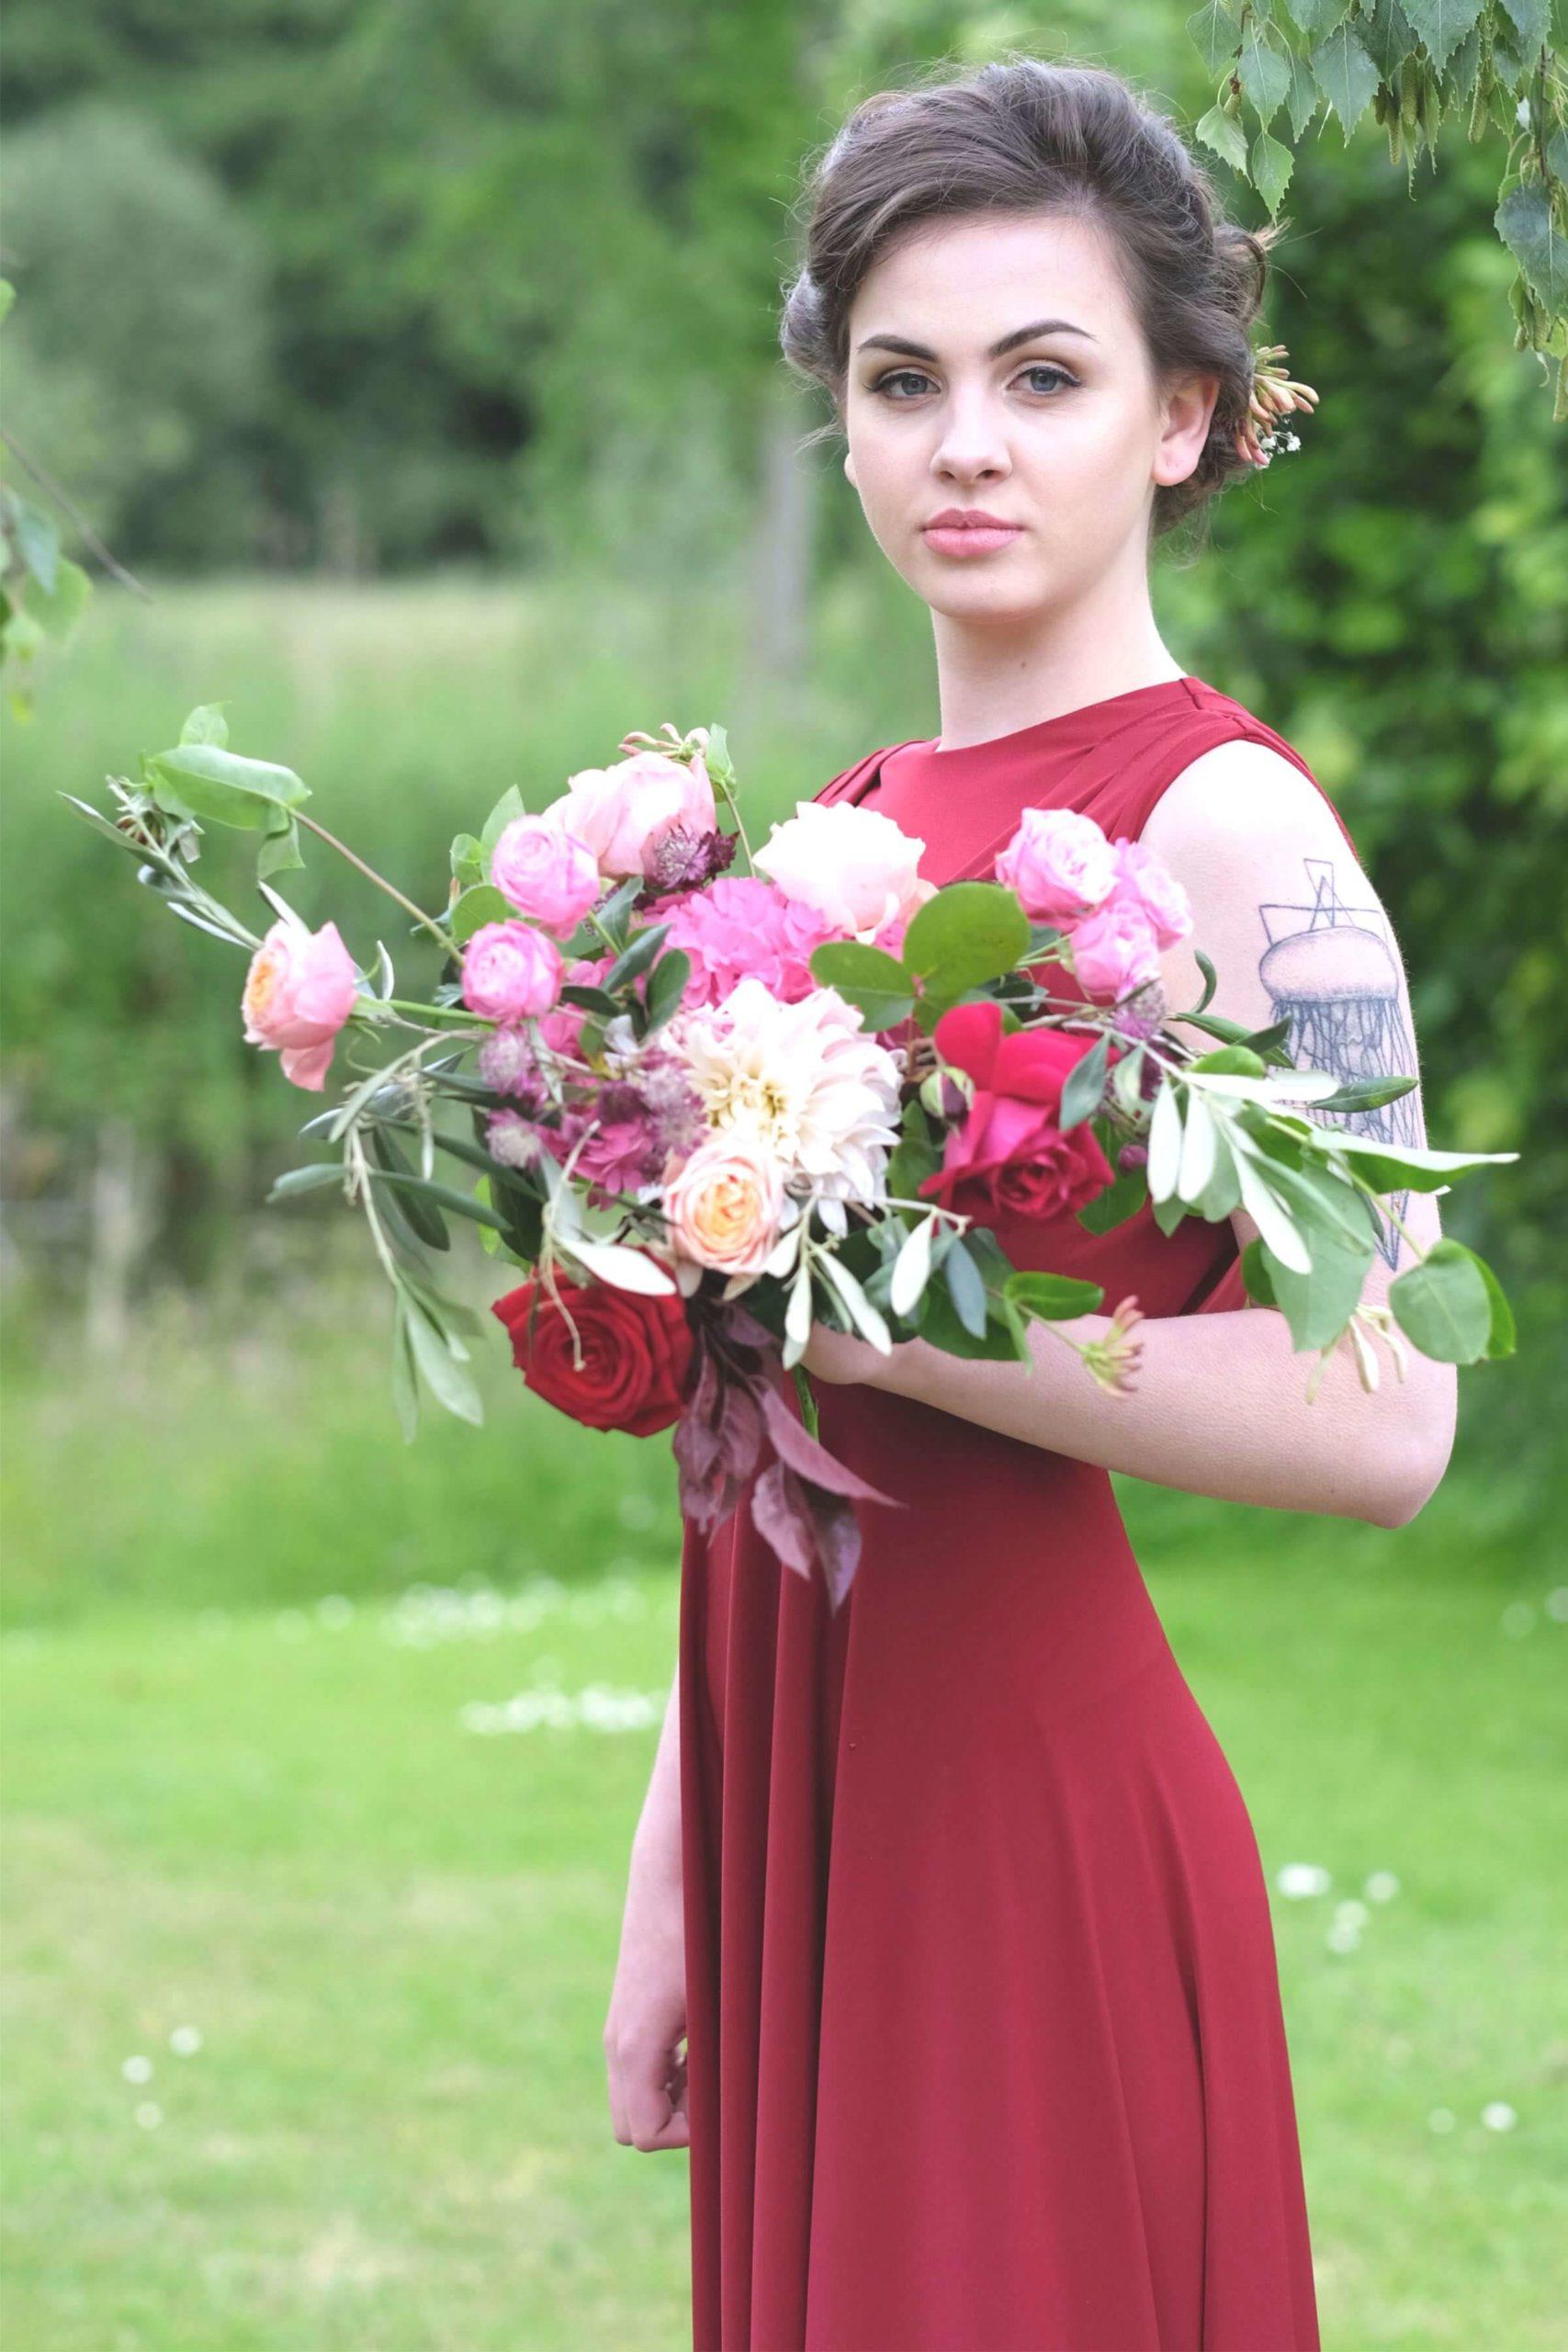 Rose, Claret & Blackberries 8